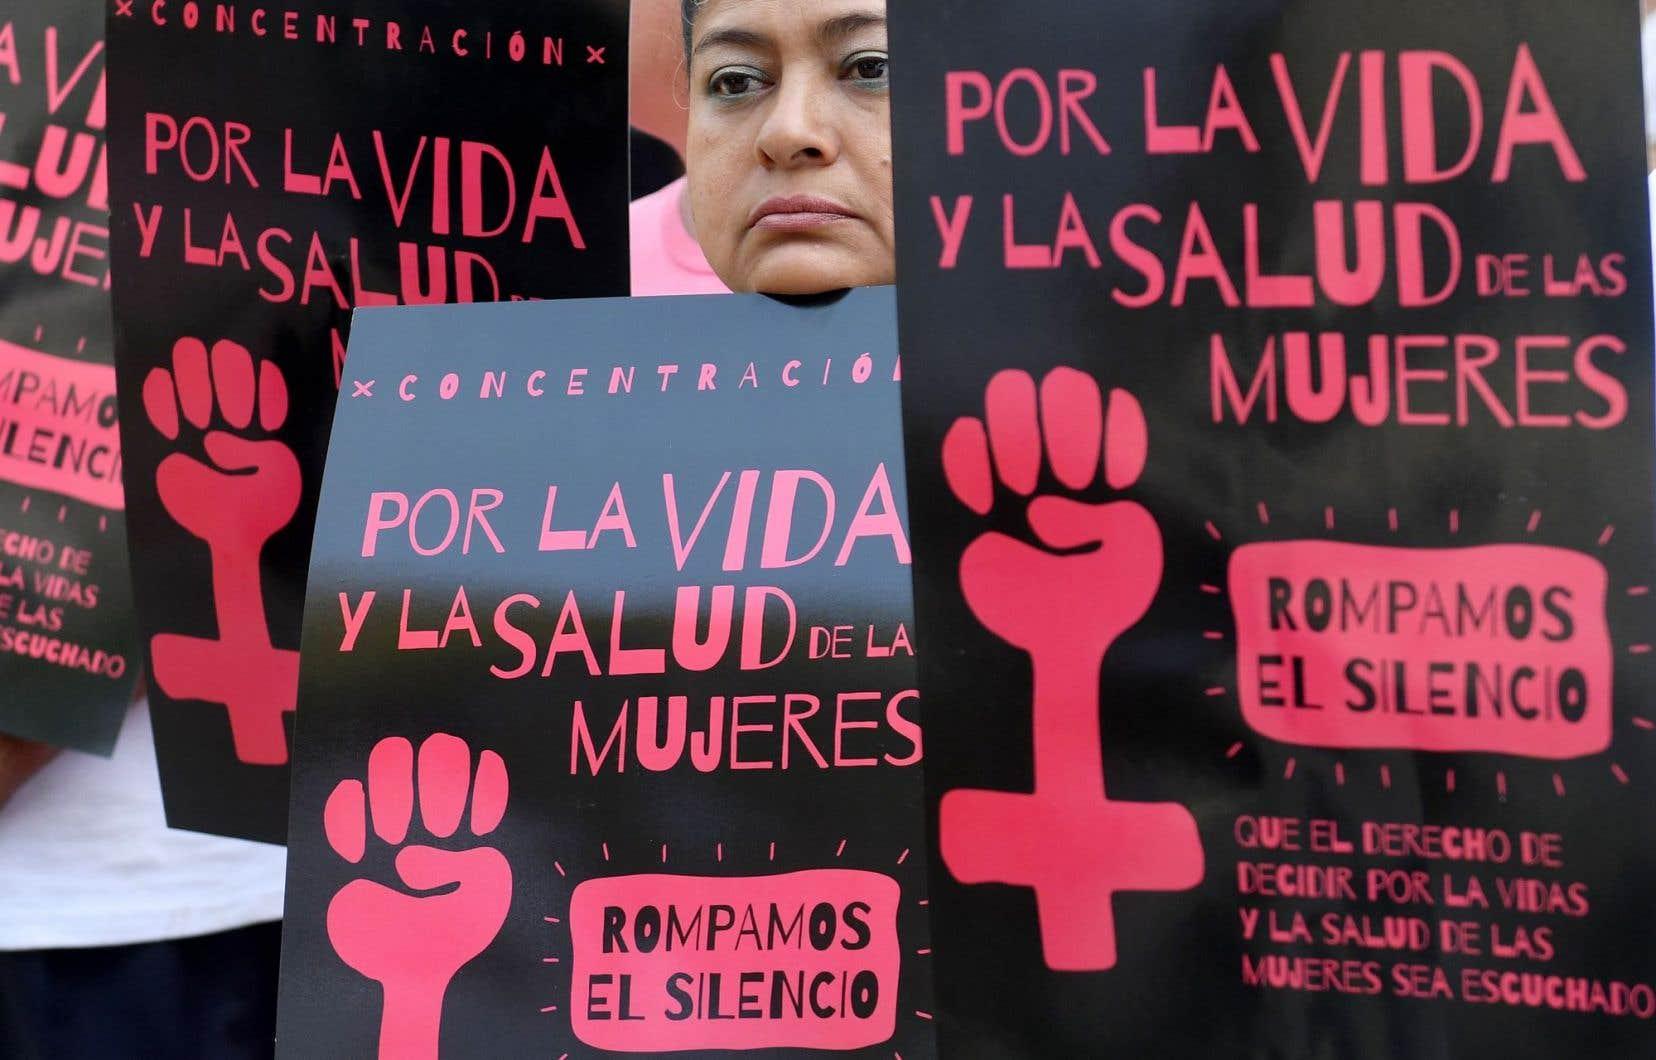 Manifestation au Salvador, en février dernier, pour réclamer la décriminalisation de l'avortement «pour la vie et la santé des femmes», peut-on lire sur les pancartes.